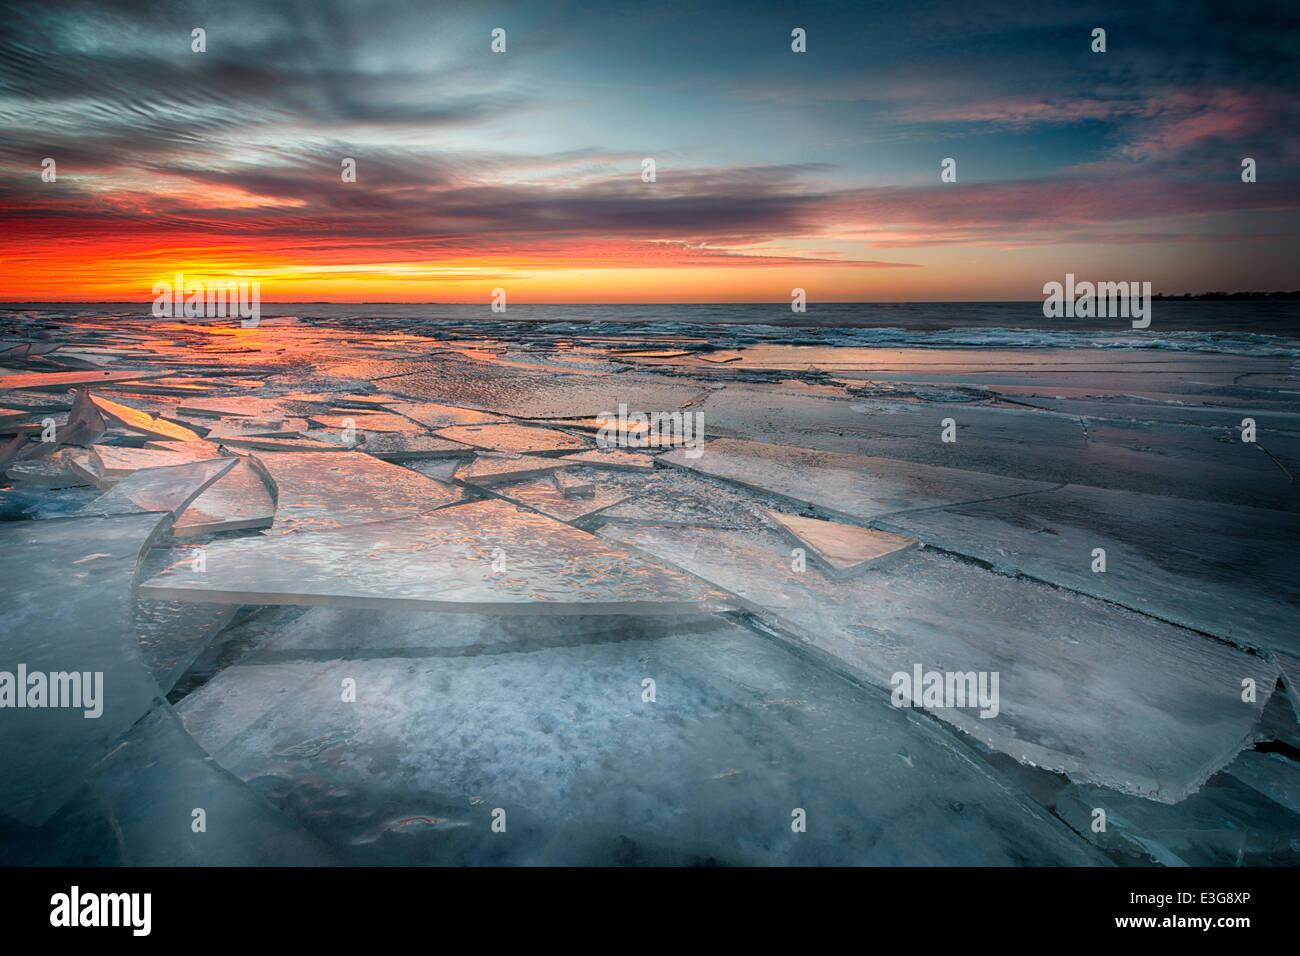 Pila de capas de hielo a lo largo de las orillas del Lago St. Clair en el sudeste de Michigan, reflejando los colores Imagen De Stock